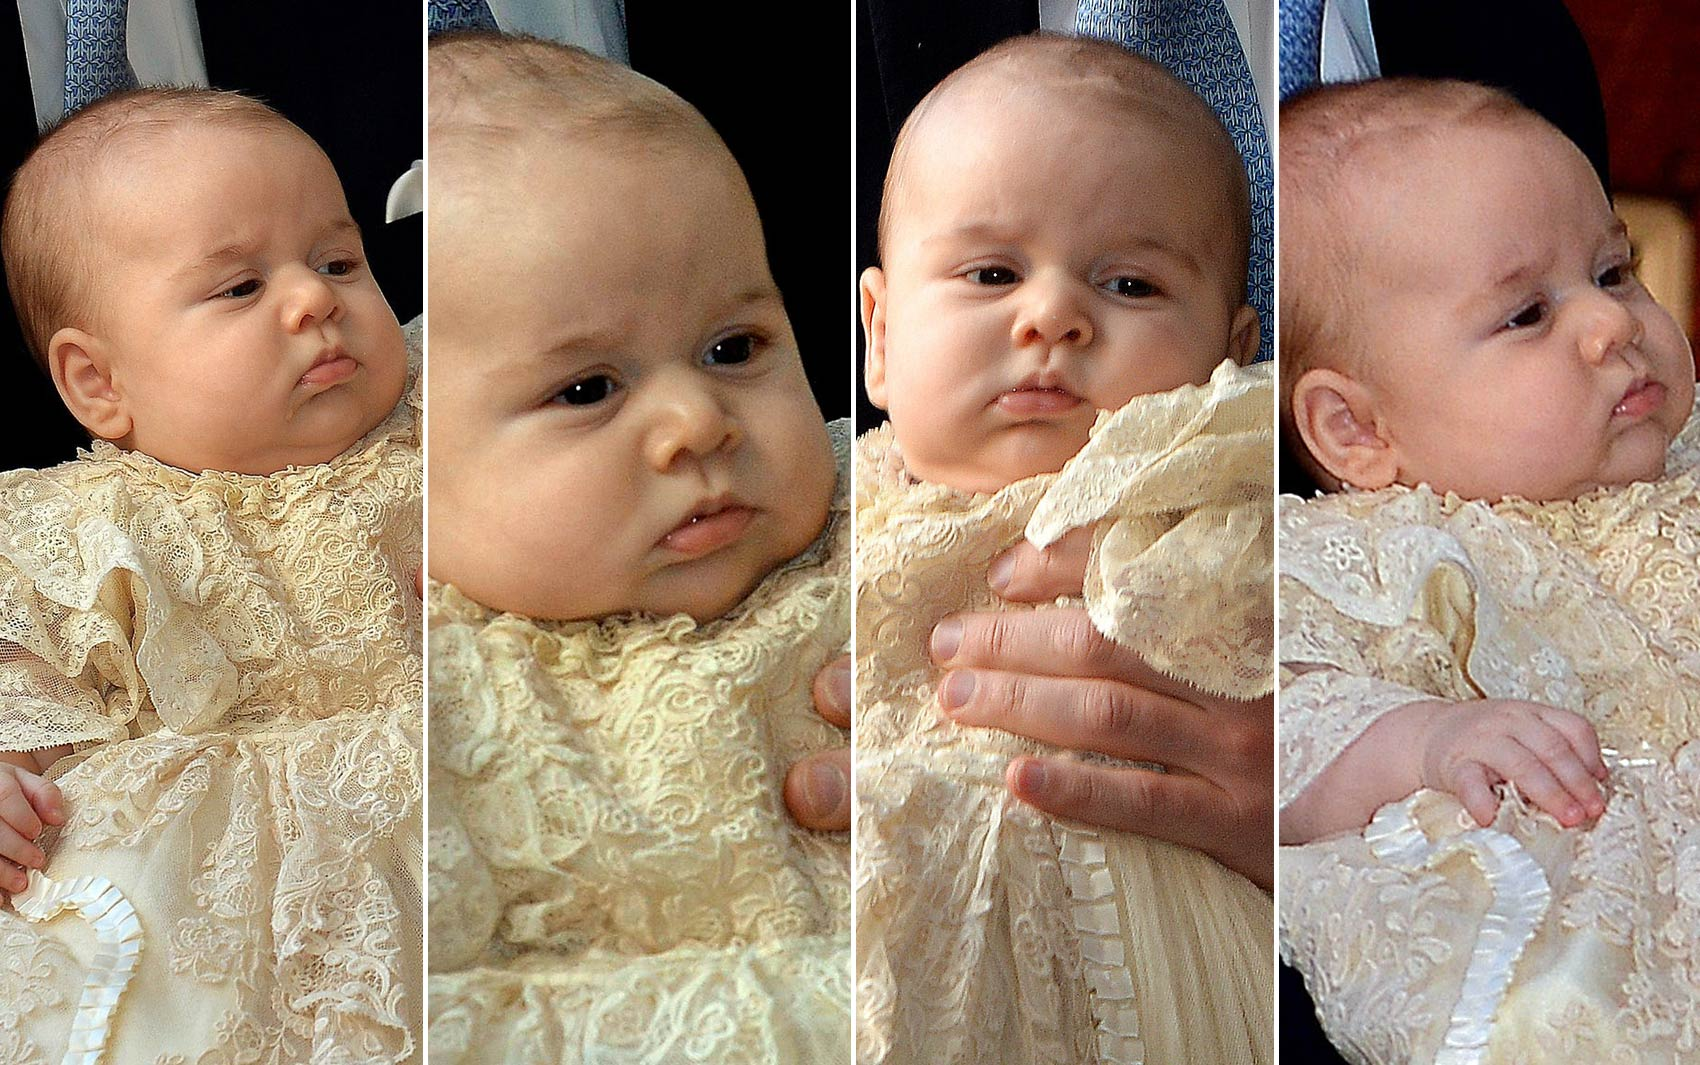 Montagem mostra caras e bocas do príncipe George na chegada para a cerimônia de batismo, no Palácio de St. James